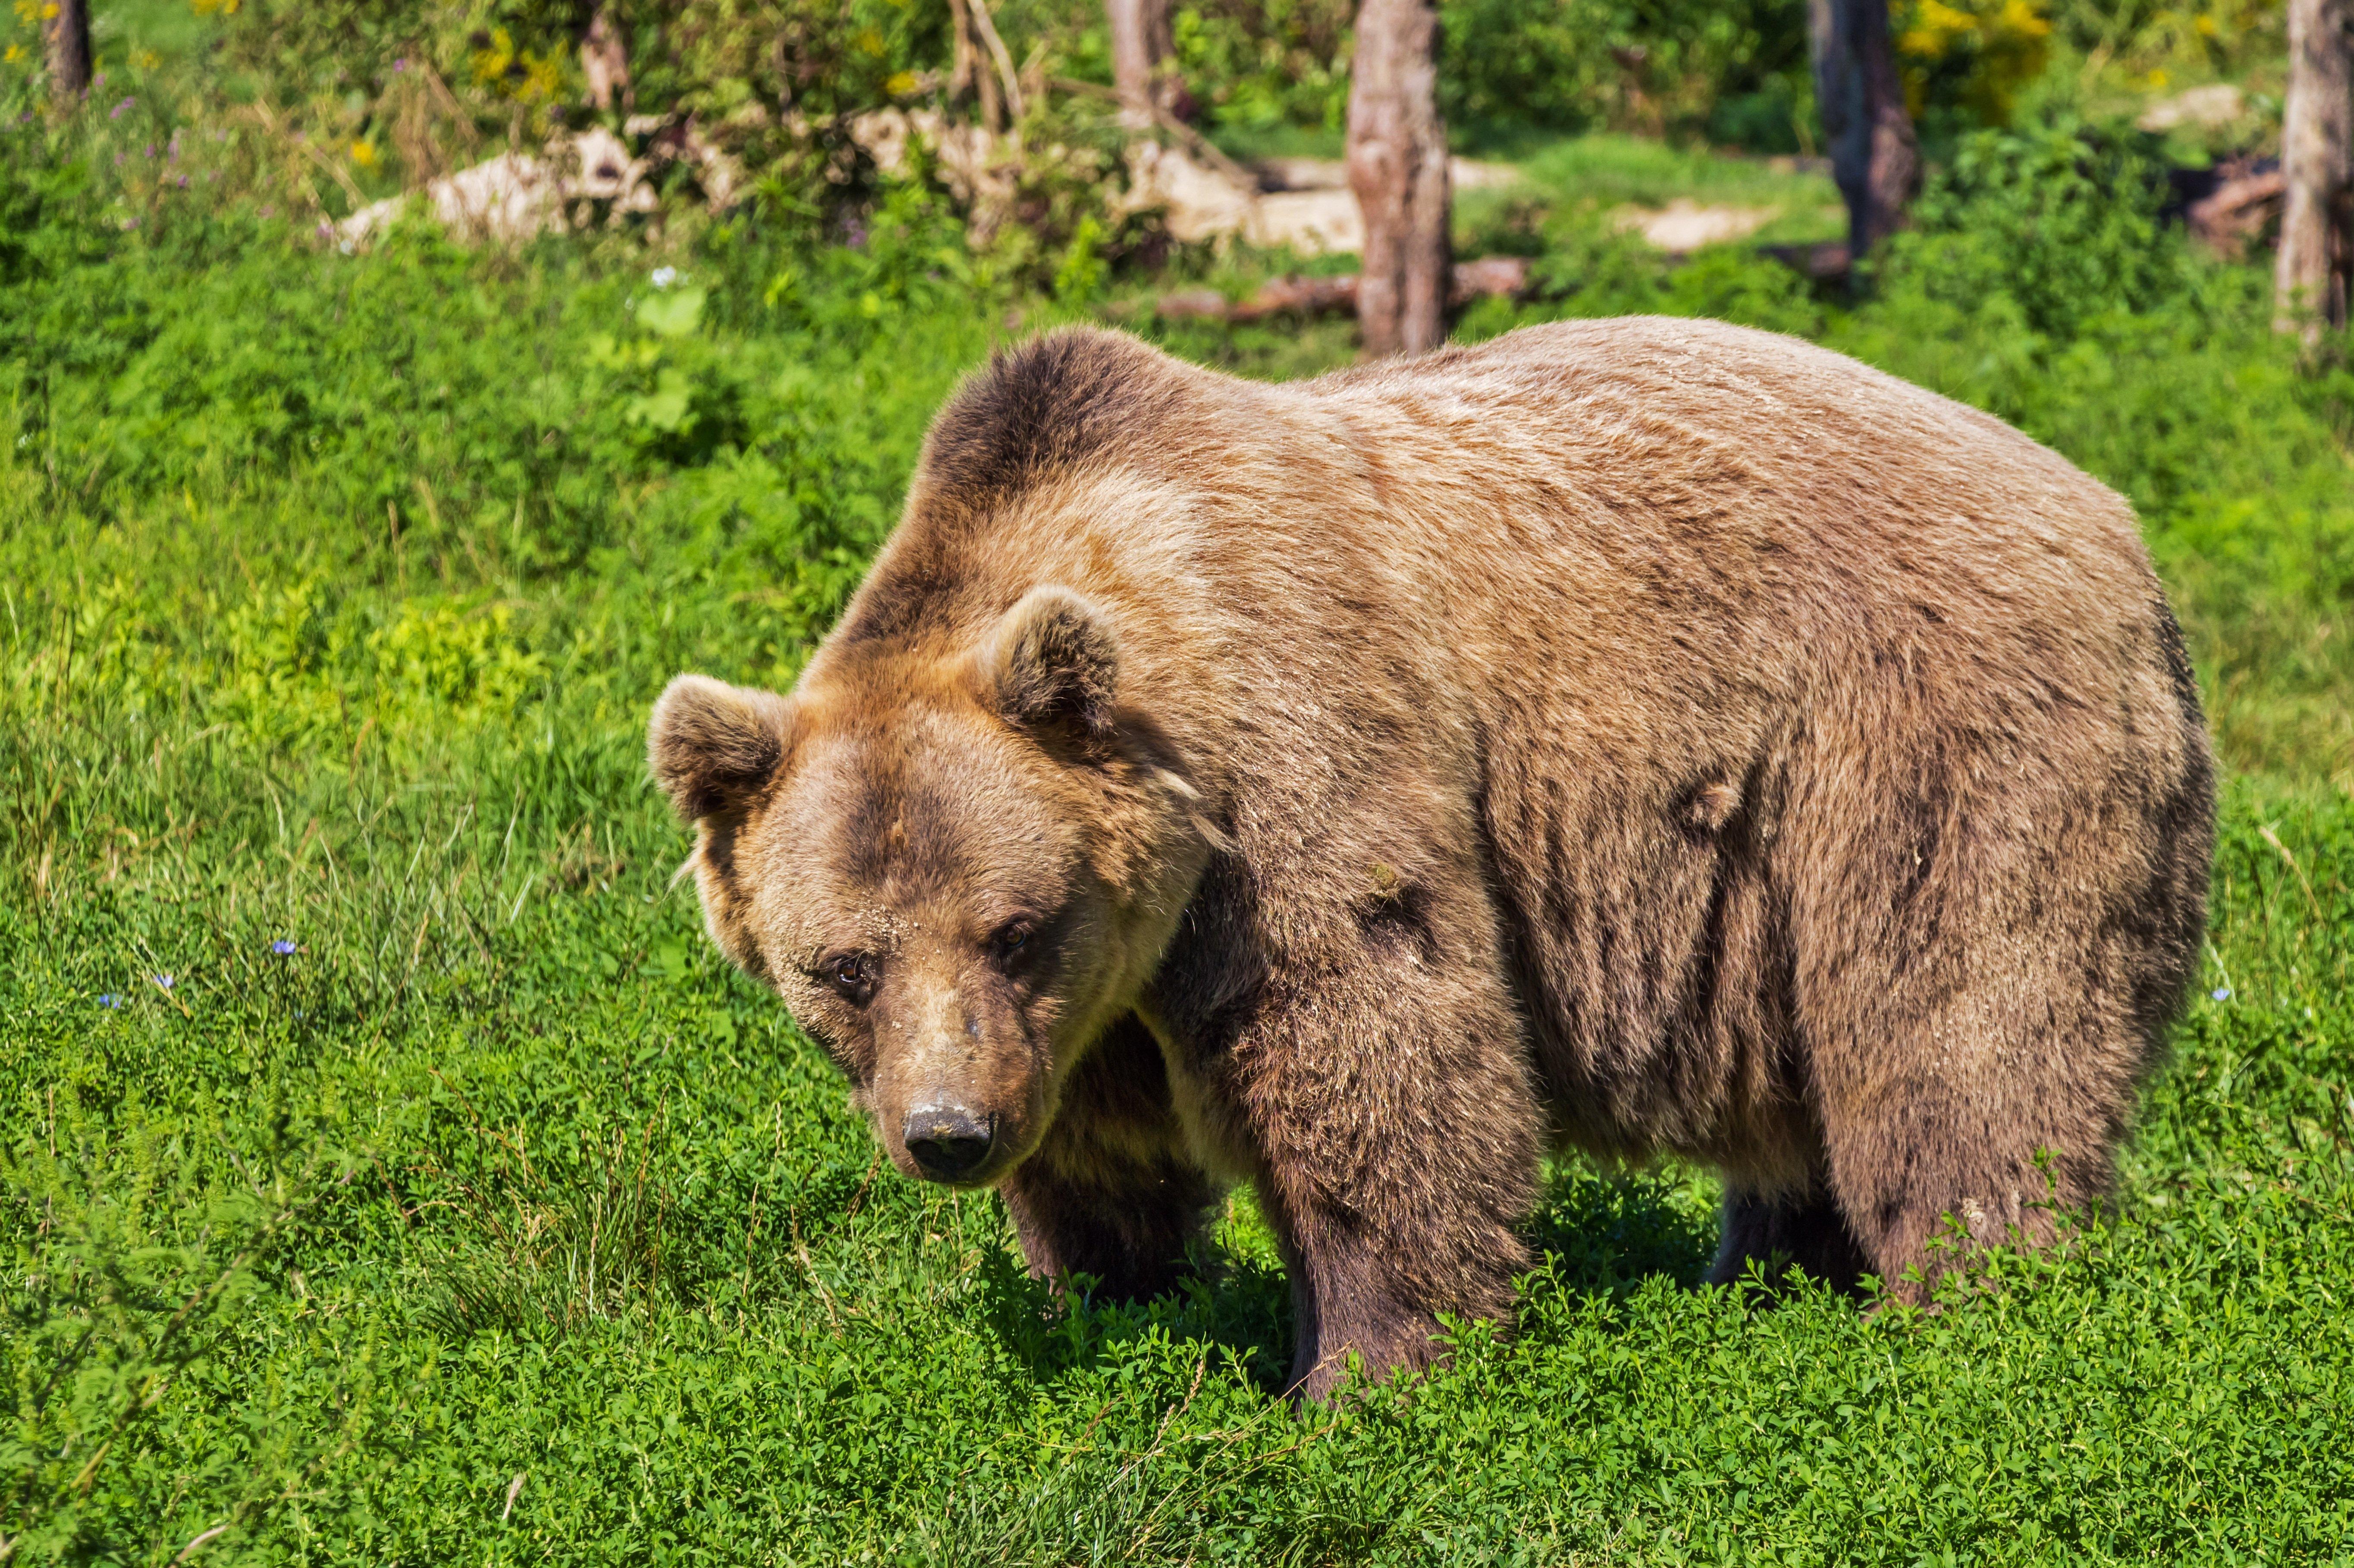 De acuerdo con un científico del Reino Unido, los osos son los candidatos con las mayores probabilidades de convertirse en los 'amos' de la Tierra